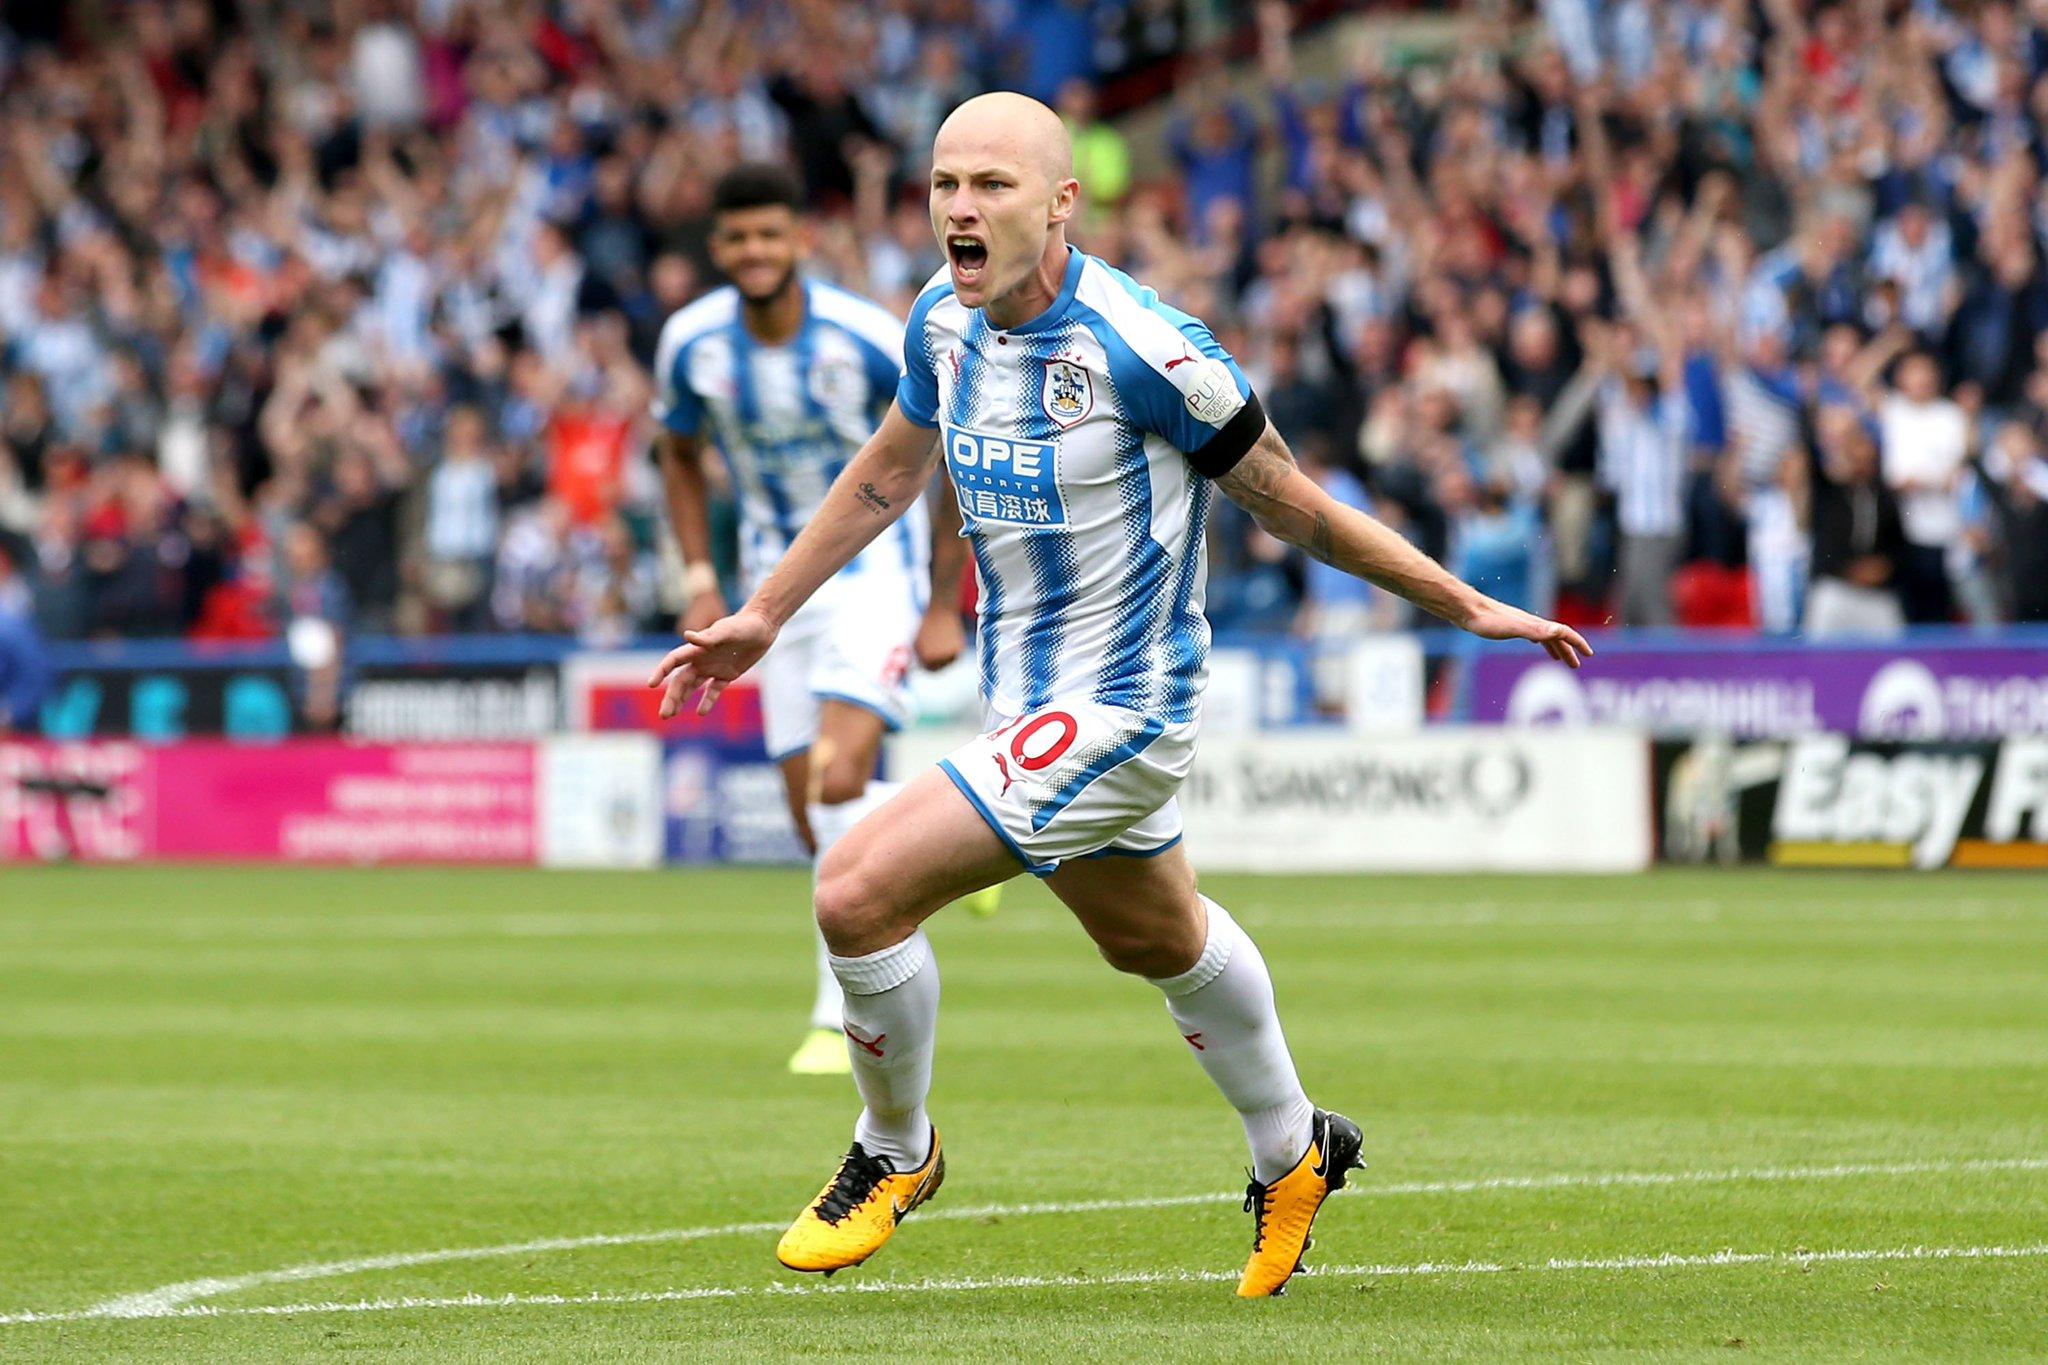 Huddersfield-Prüferdatierung